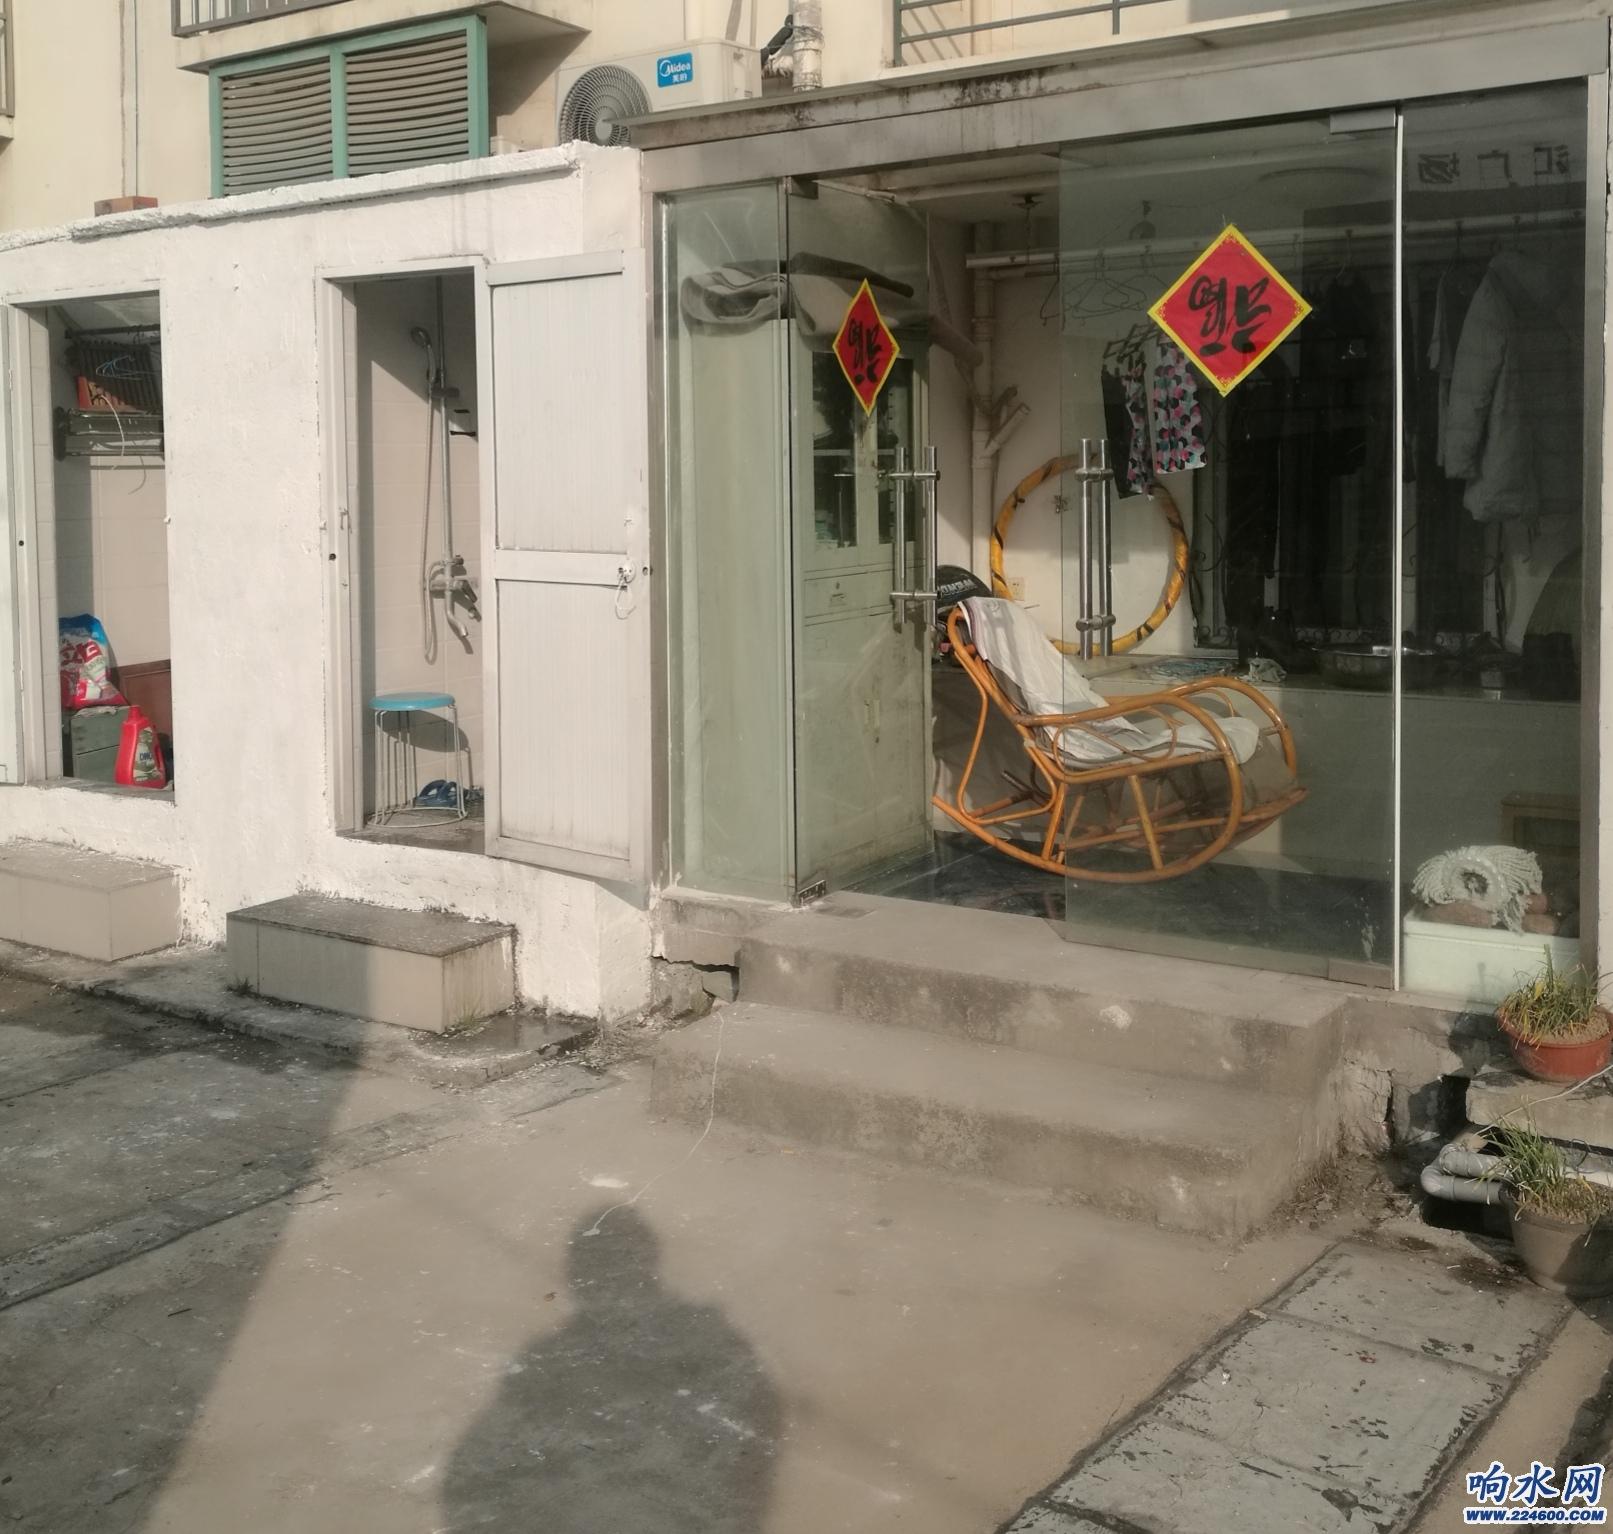 多功能阳光房.jpg